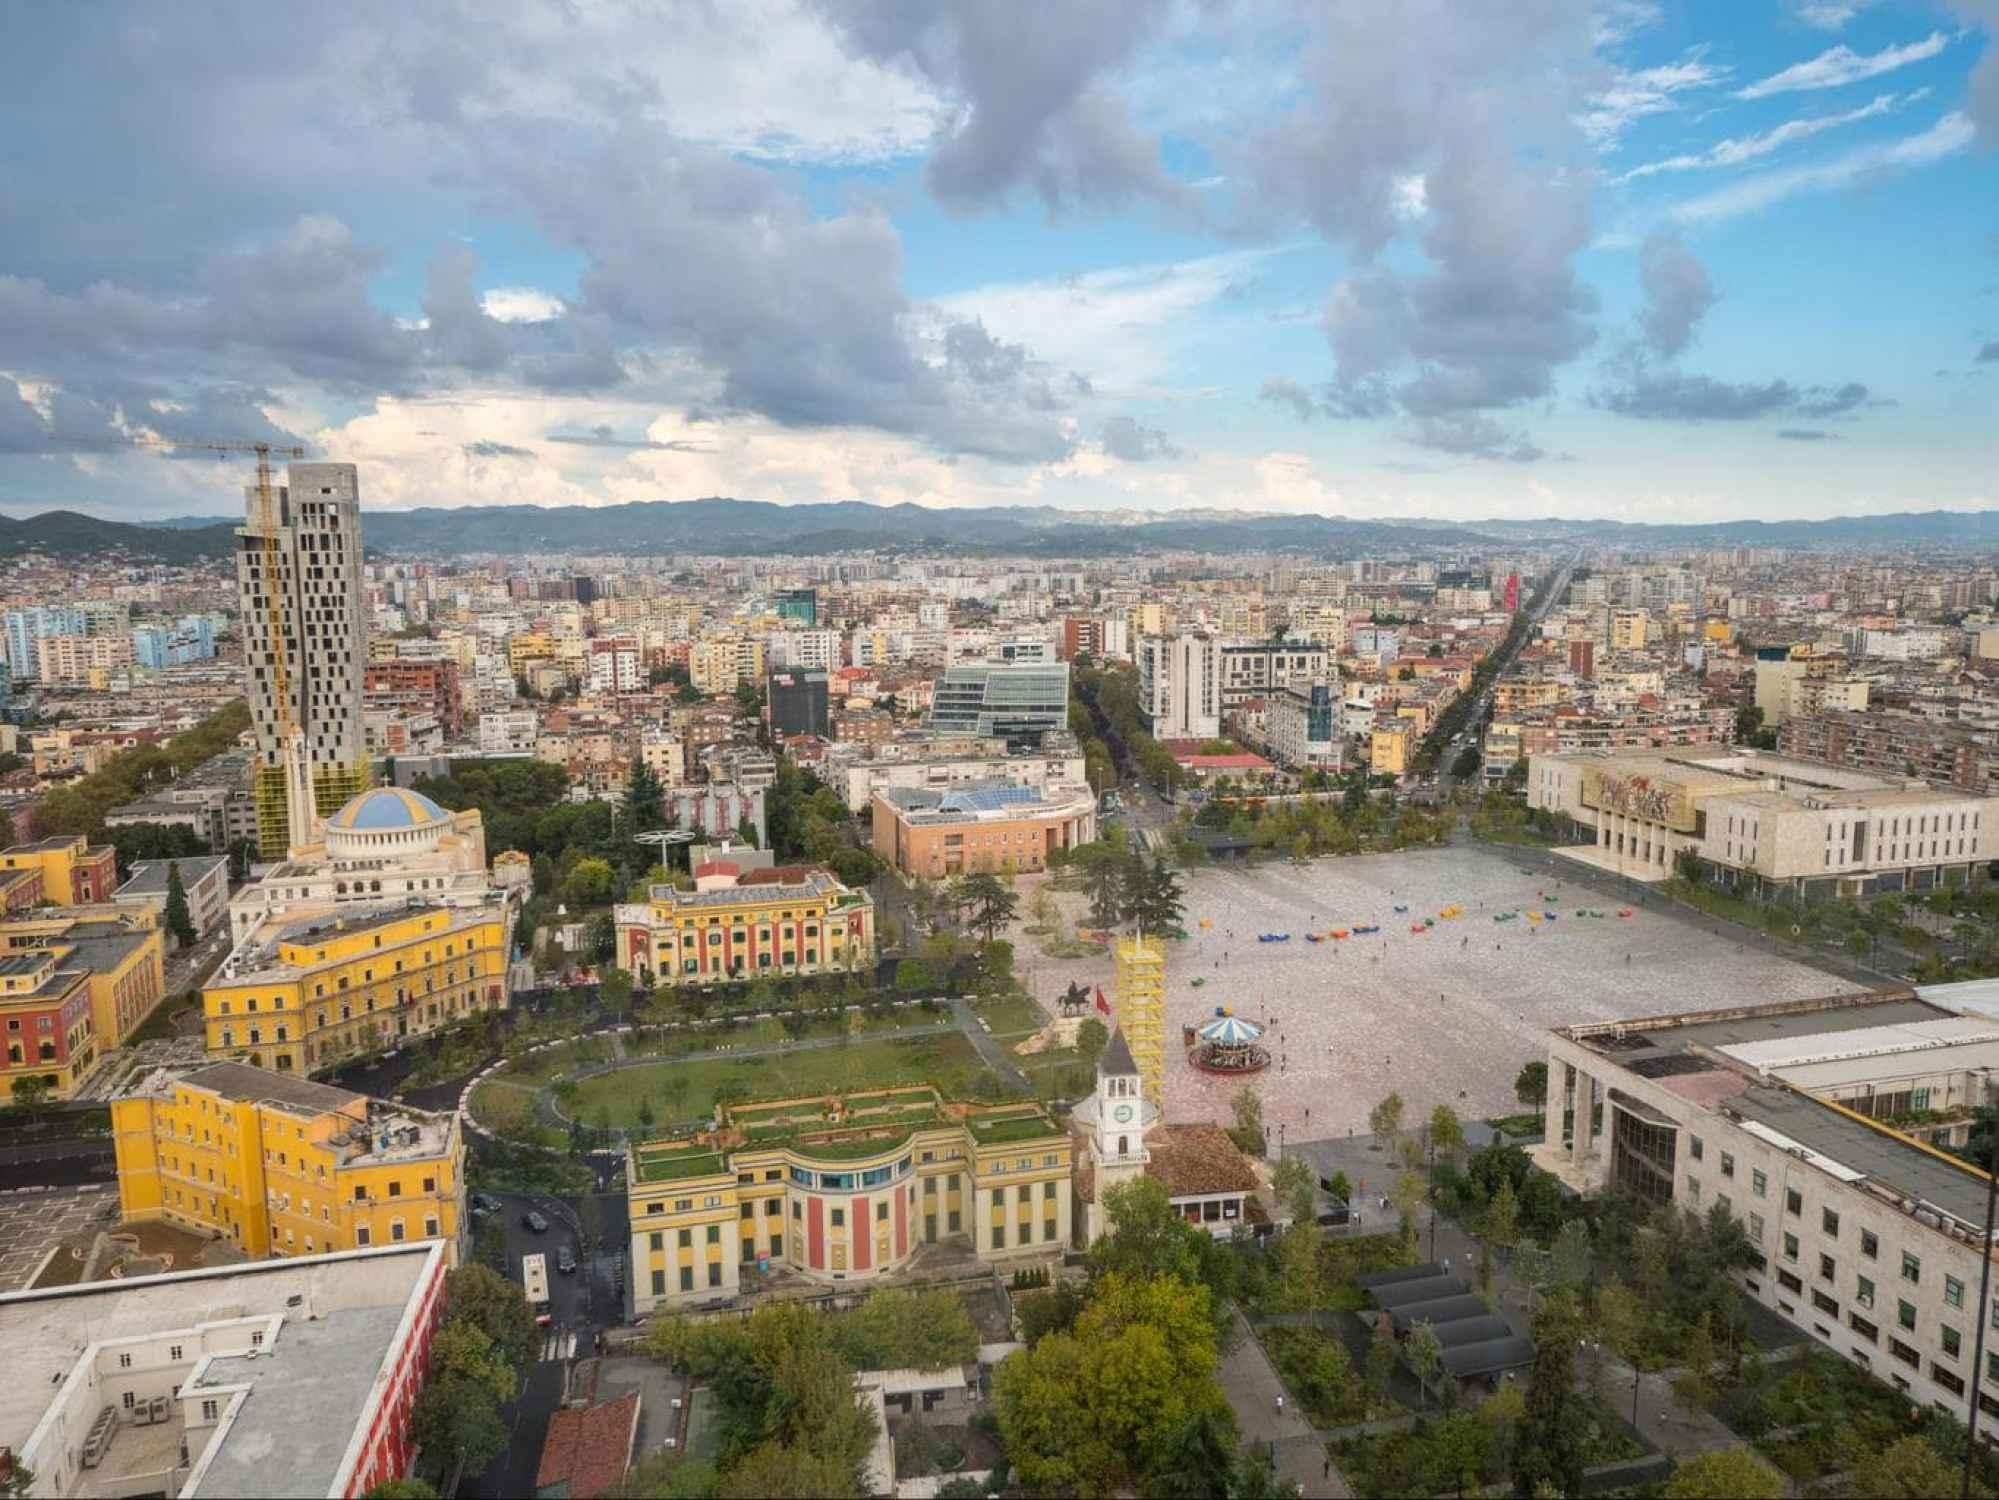 The views from The Plaza Tirana